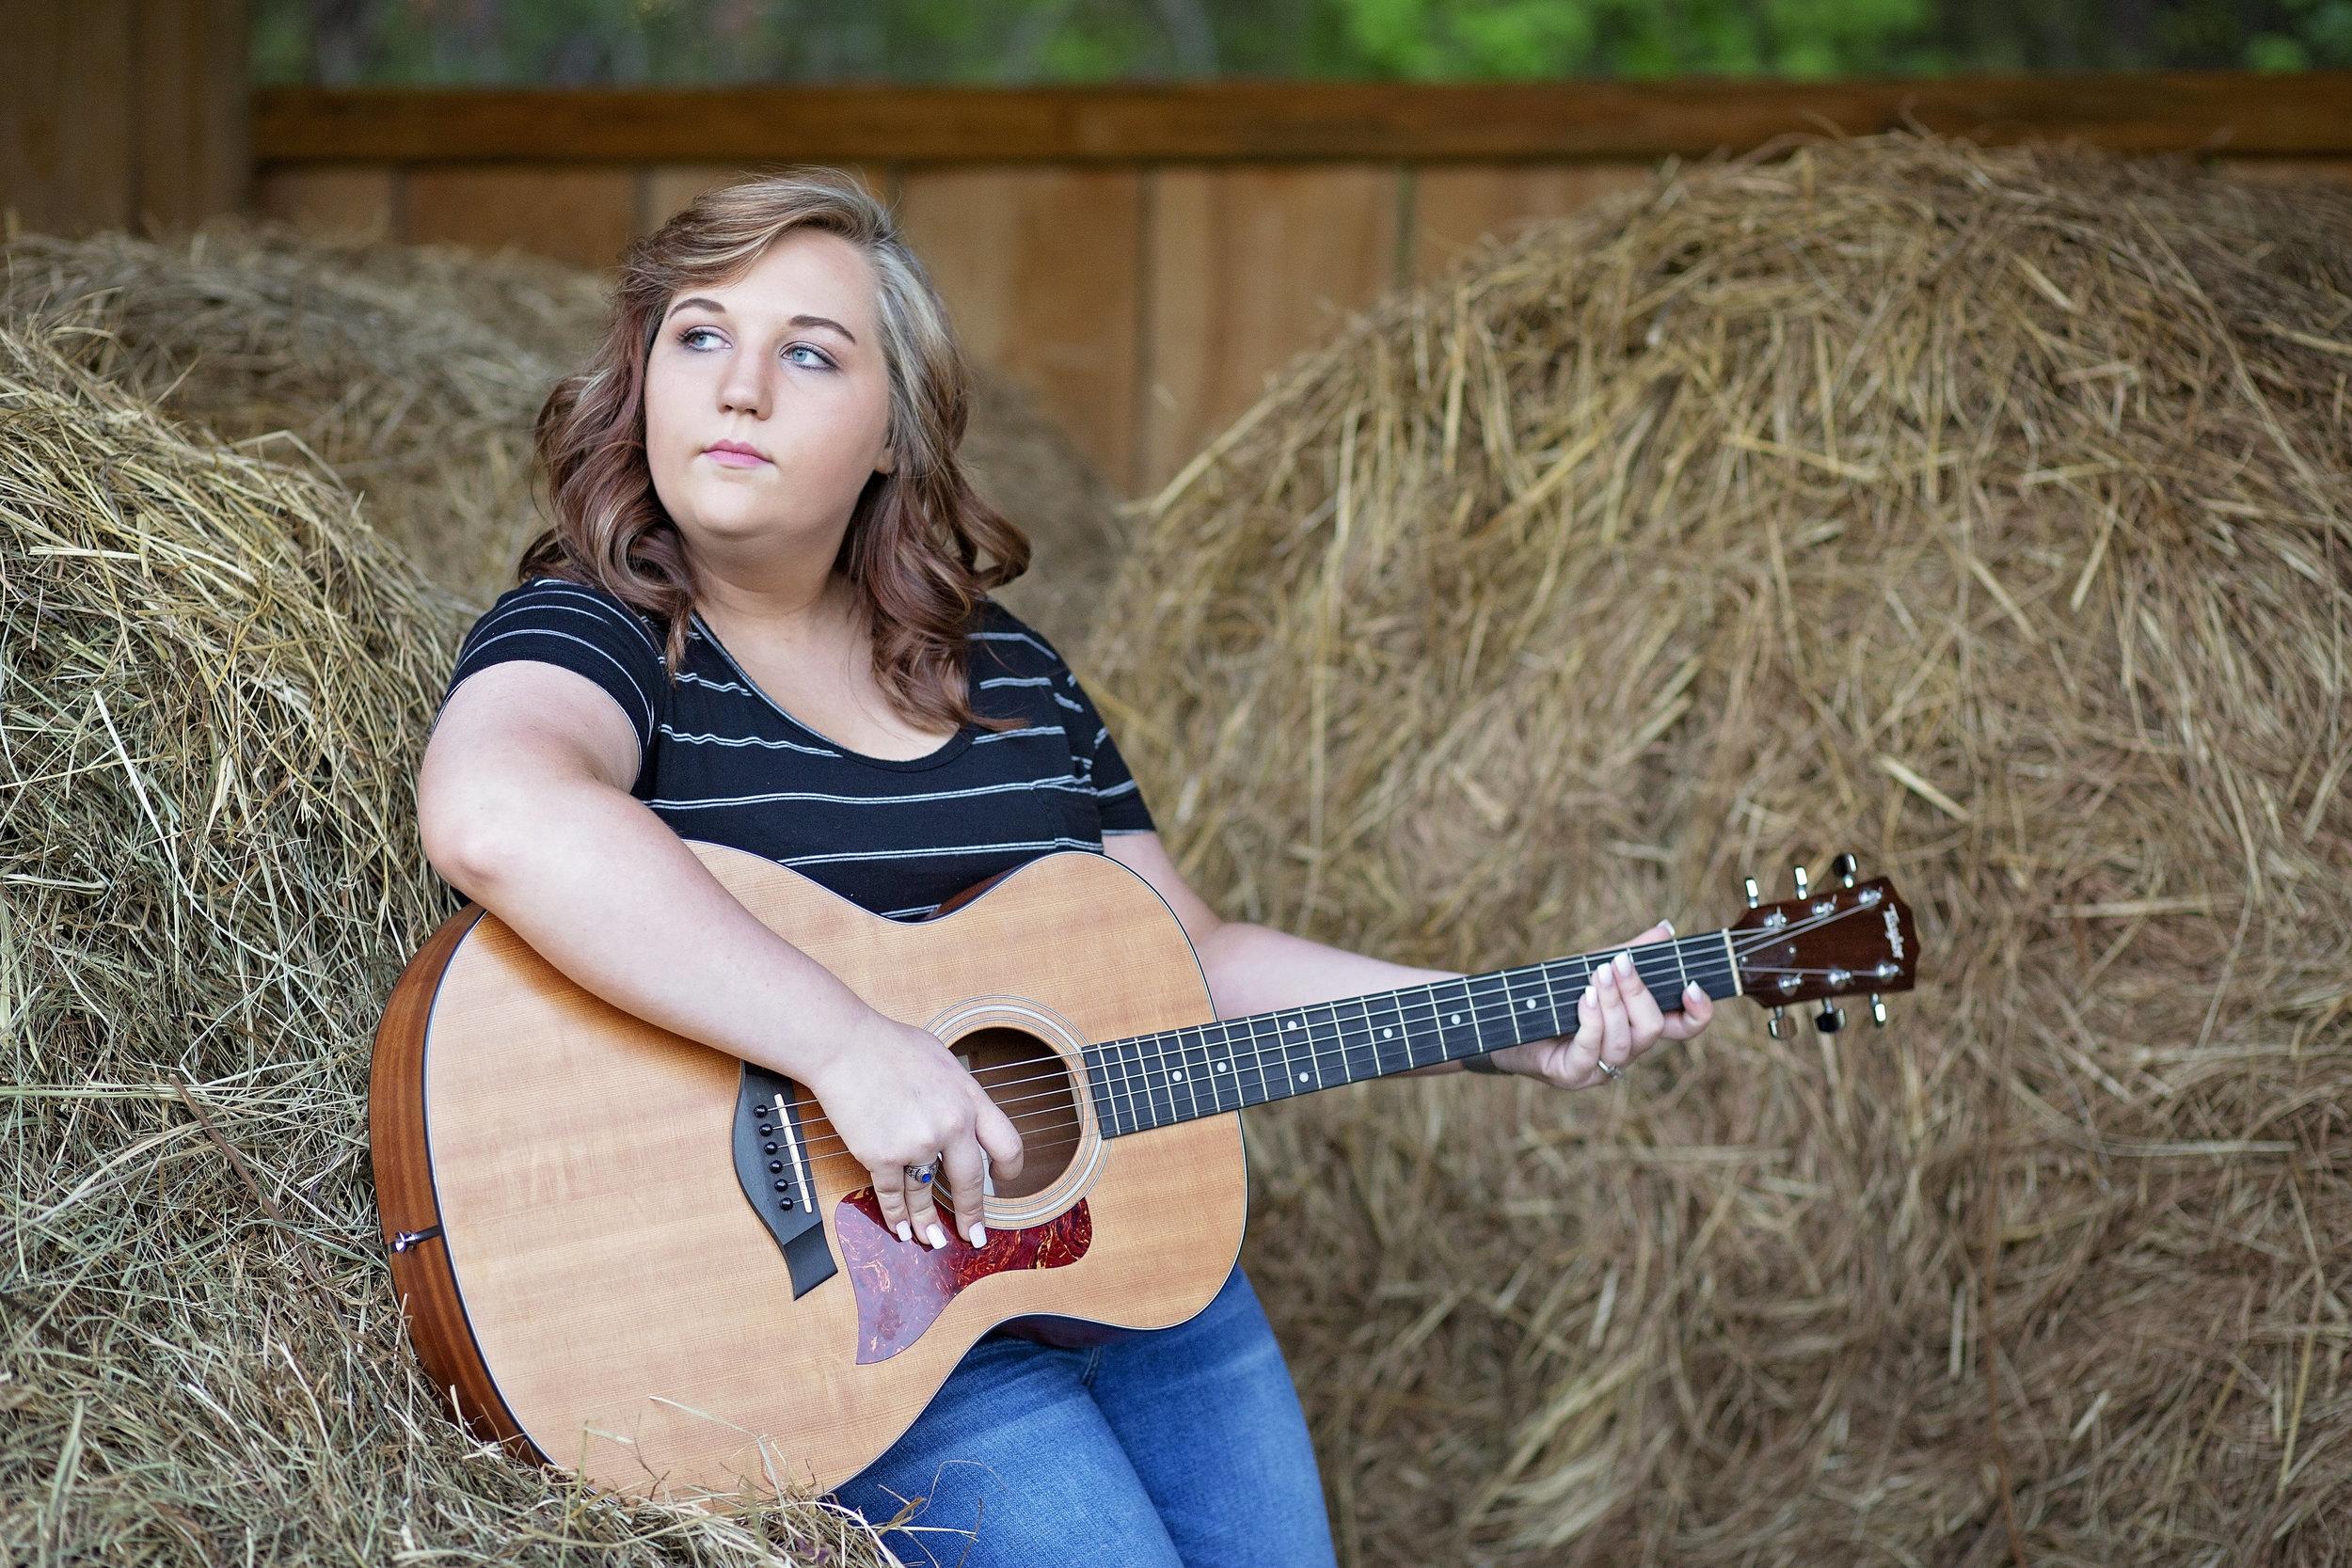 pickens sc senior portraits  senior photographer pickens sc  hagood mill pickens sc  guitar senior portraits  pickens high school